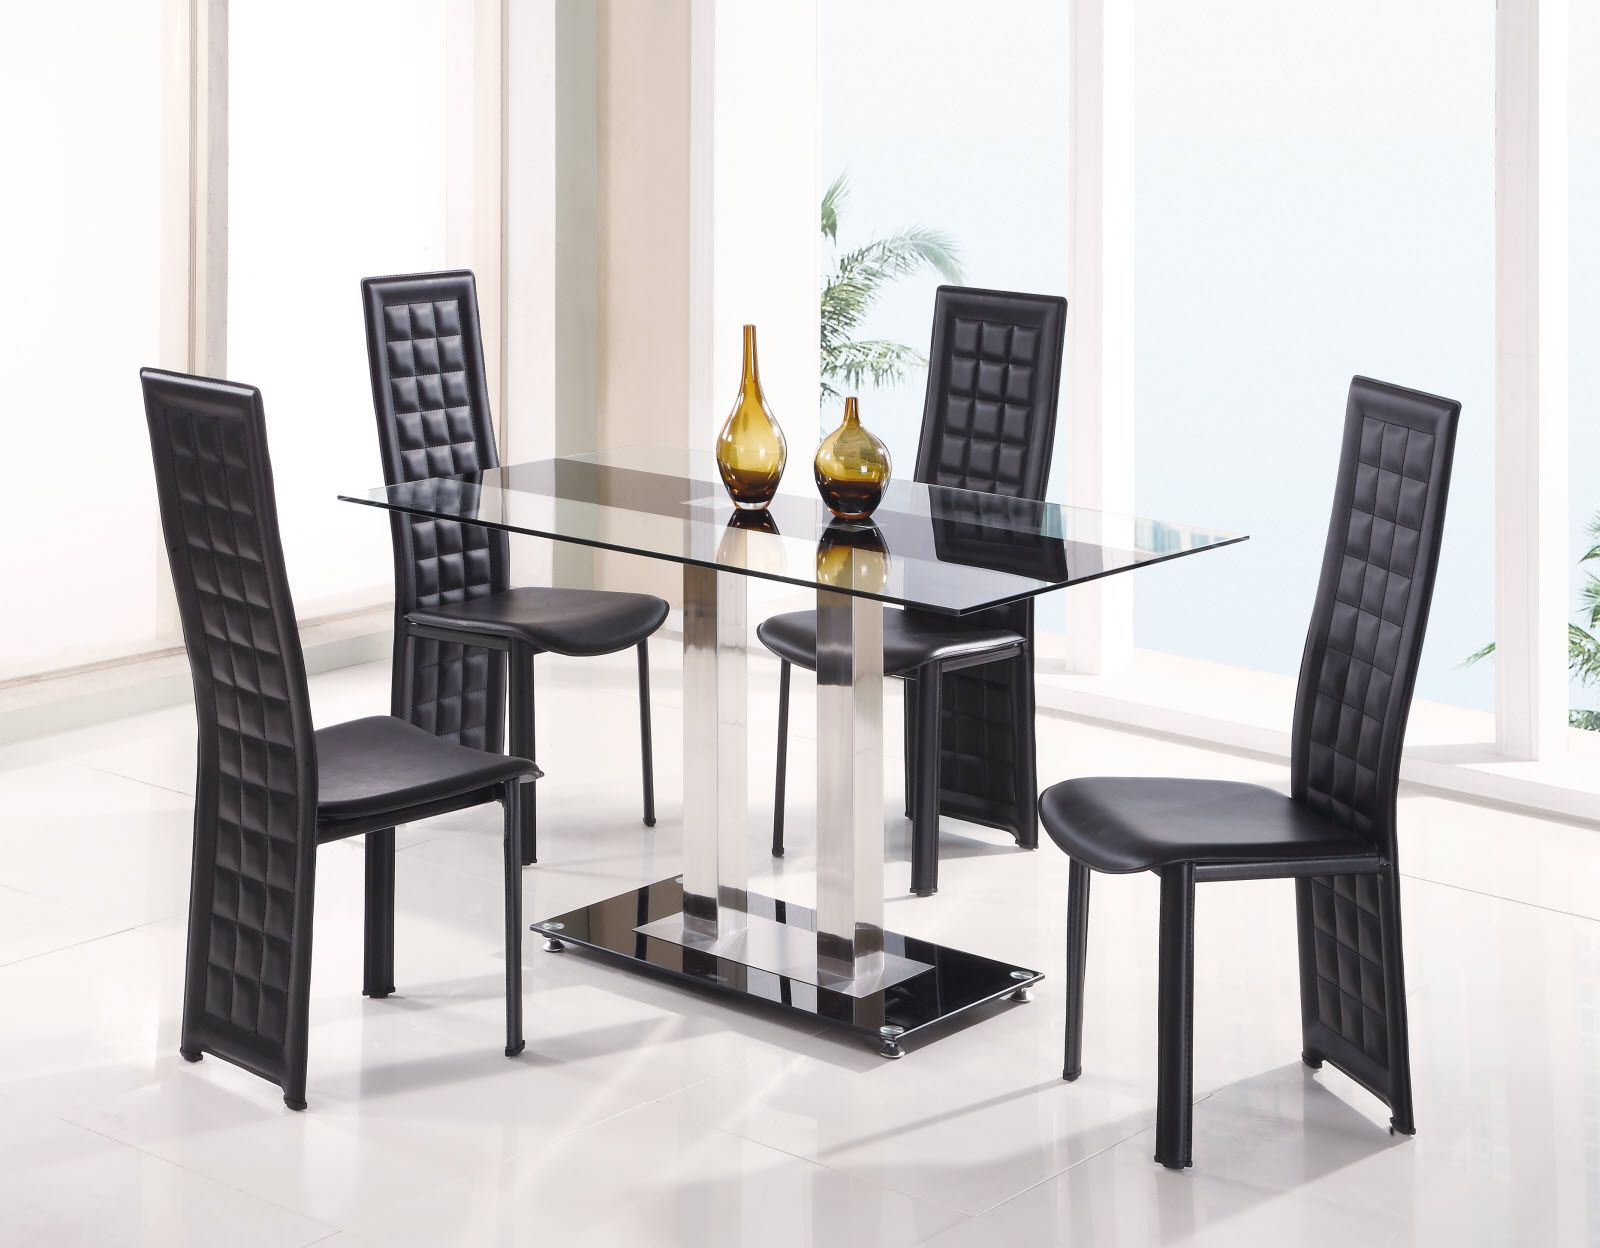 Schwarz Esszimmer Sets Stuhle Tisch Und Verkauf Runde Kuche Fur Set